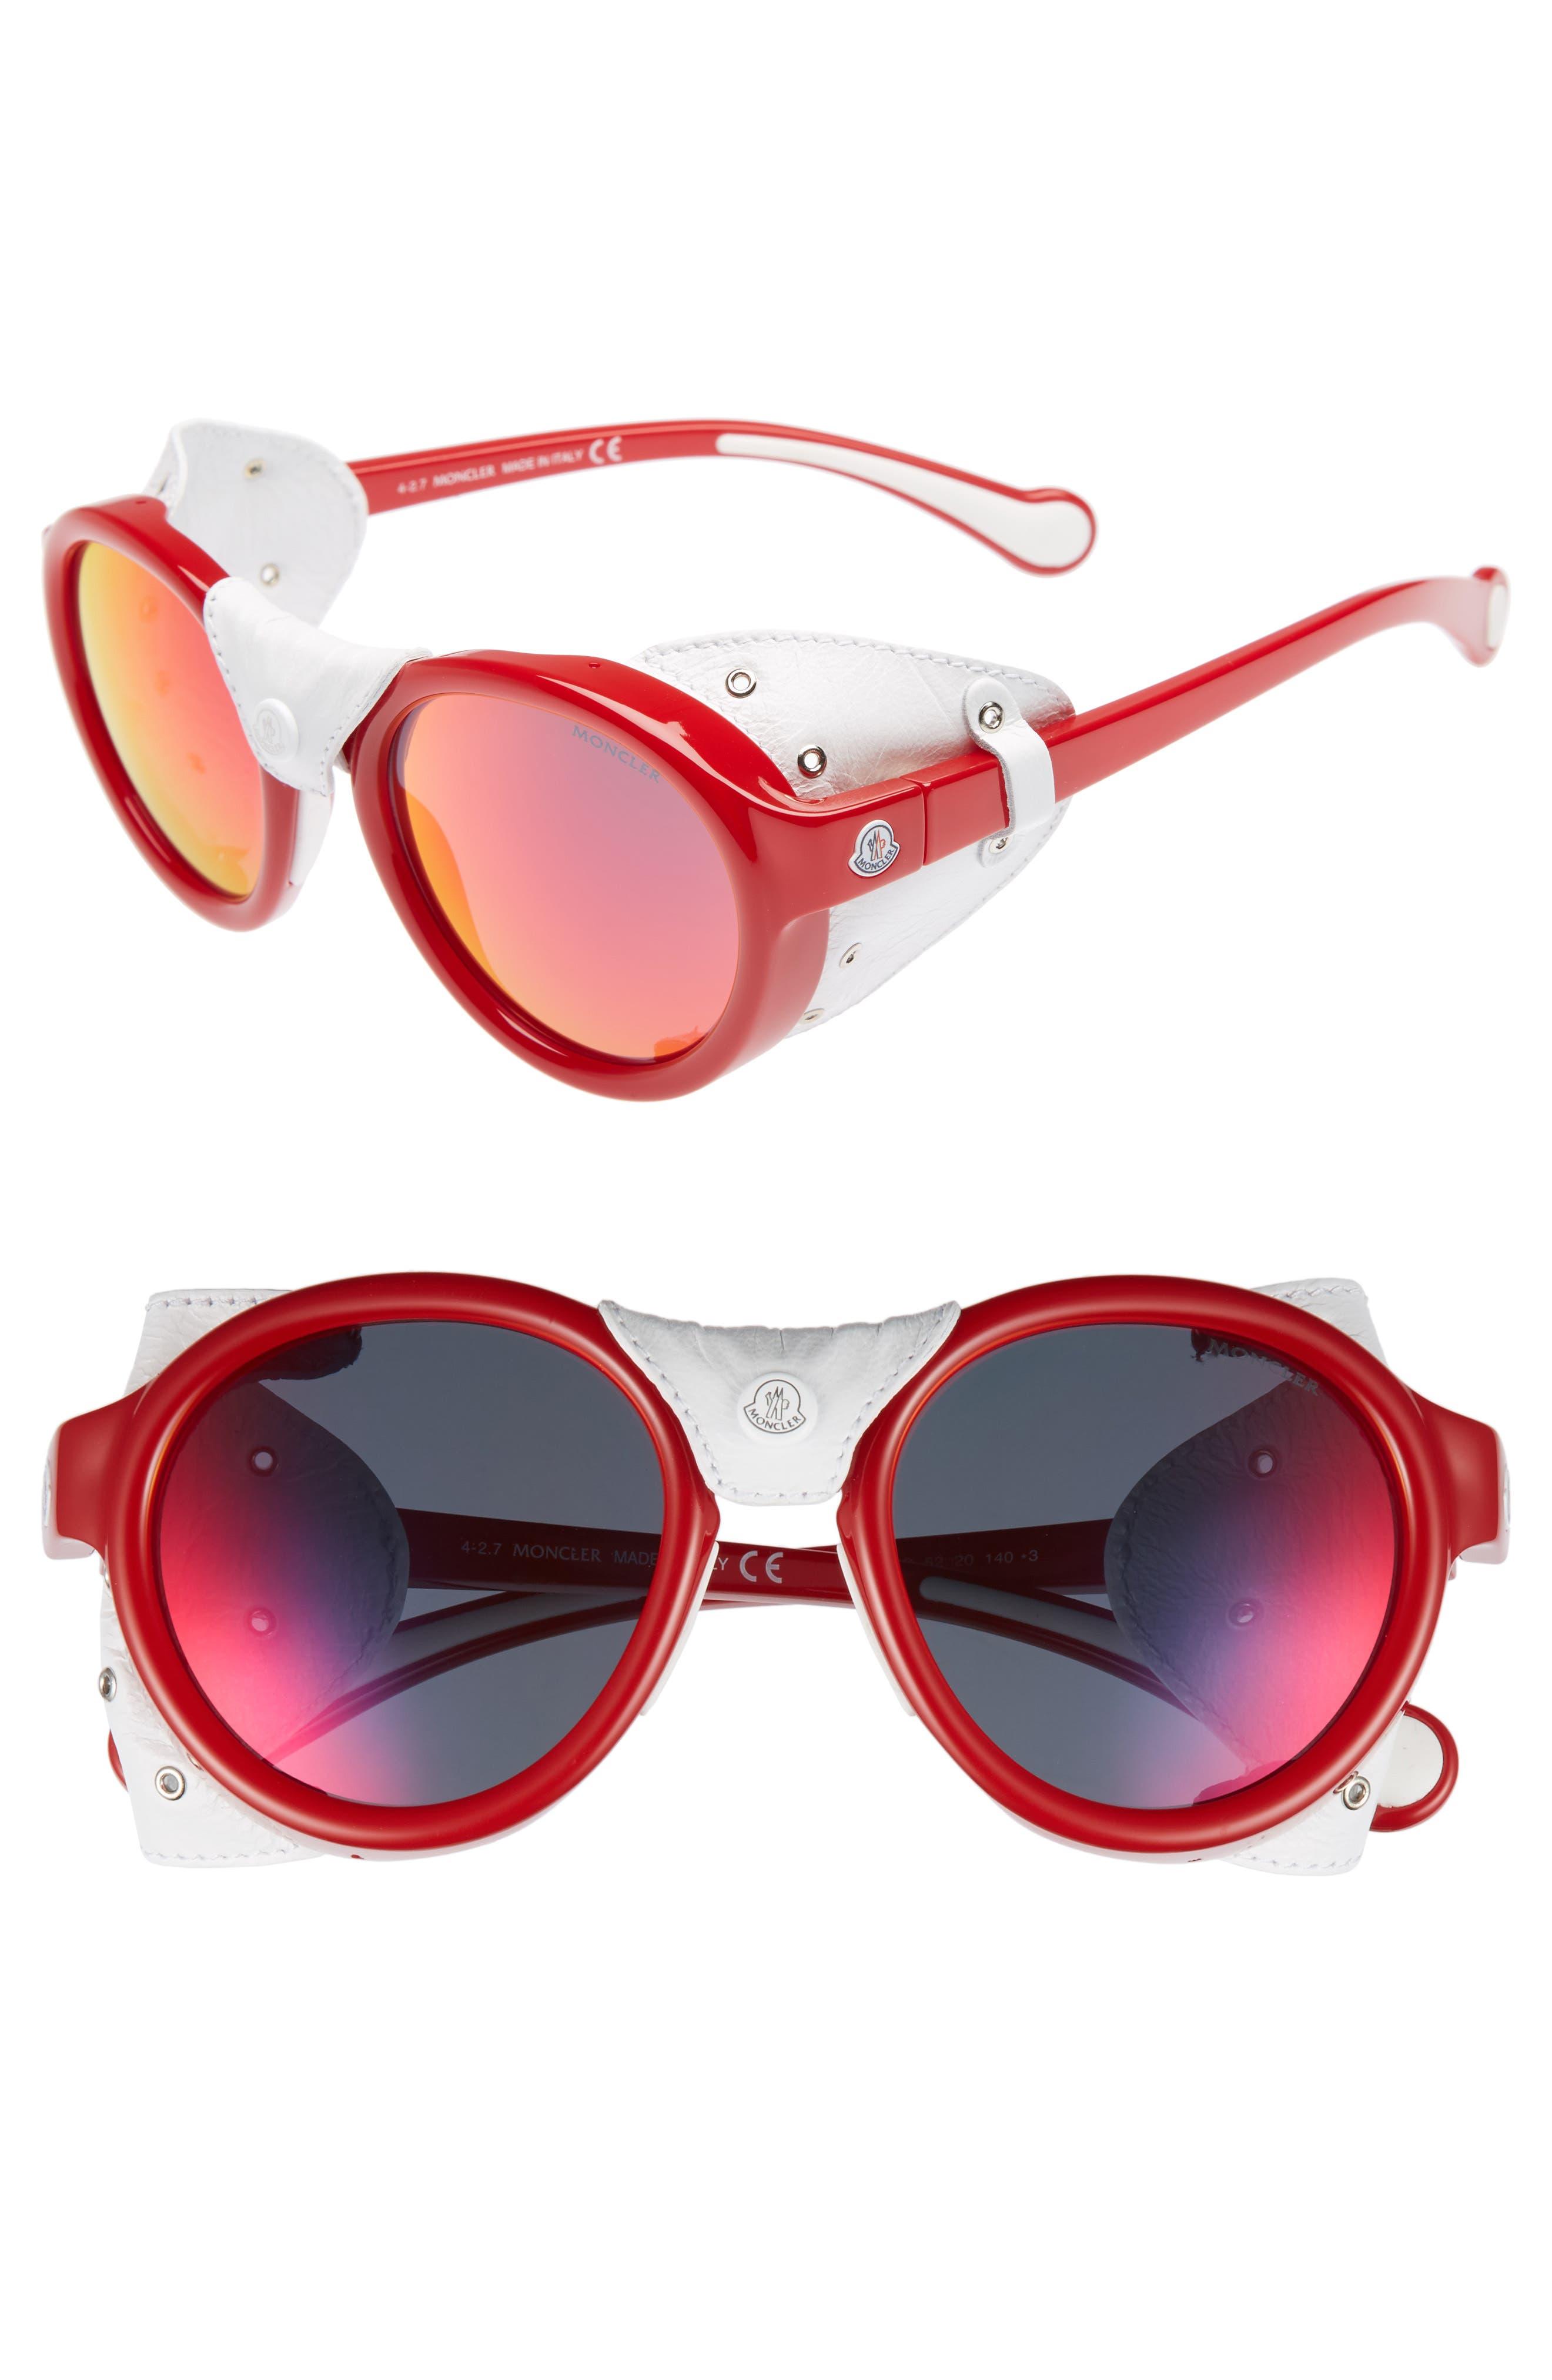 52mm Round Frame Retro Sunglasses,                         Main,                         color, SHINY RED